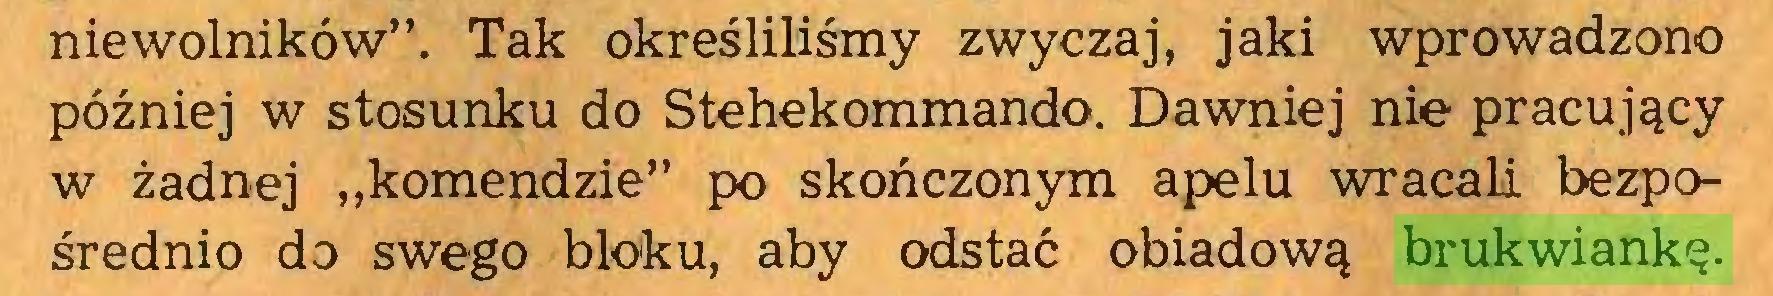 """(...) niewolników"""". Tak określiliśmy zwyczaj, jaki wprowadzono później w stosunku do Stehekommando. Dawniej nie pracujący w żadnej """"komendzie"""" po skończonym apelu wracali bezpośrednio do swego bloku, aby odstać obiadową brukwiankę..."""